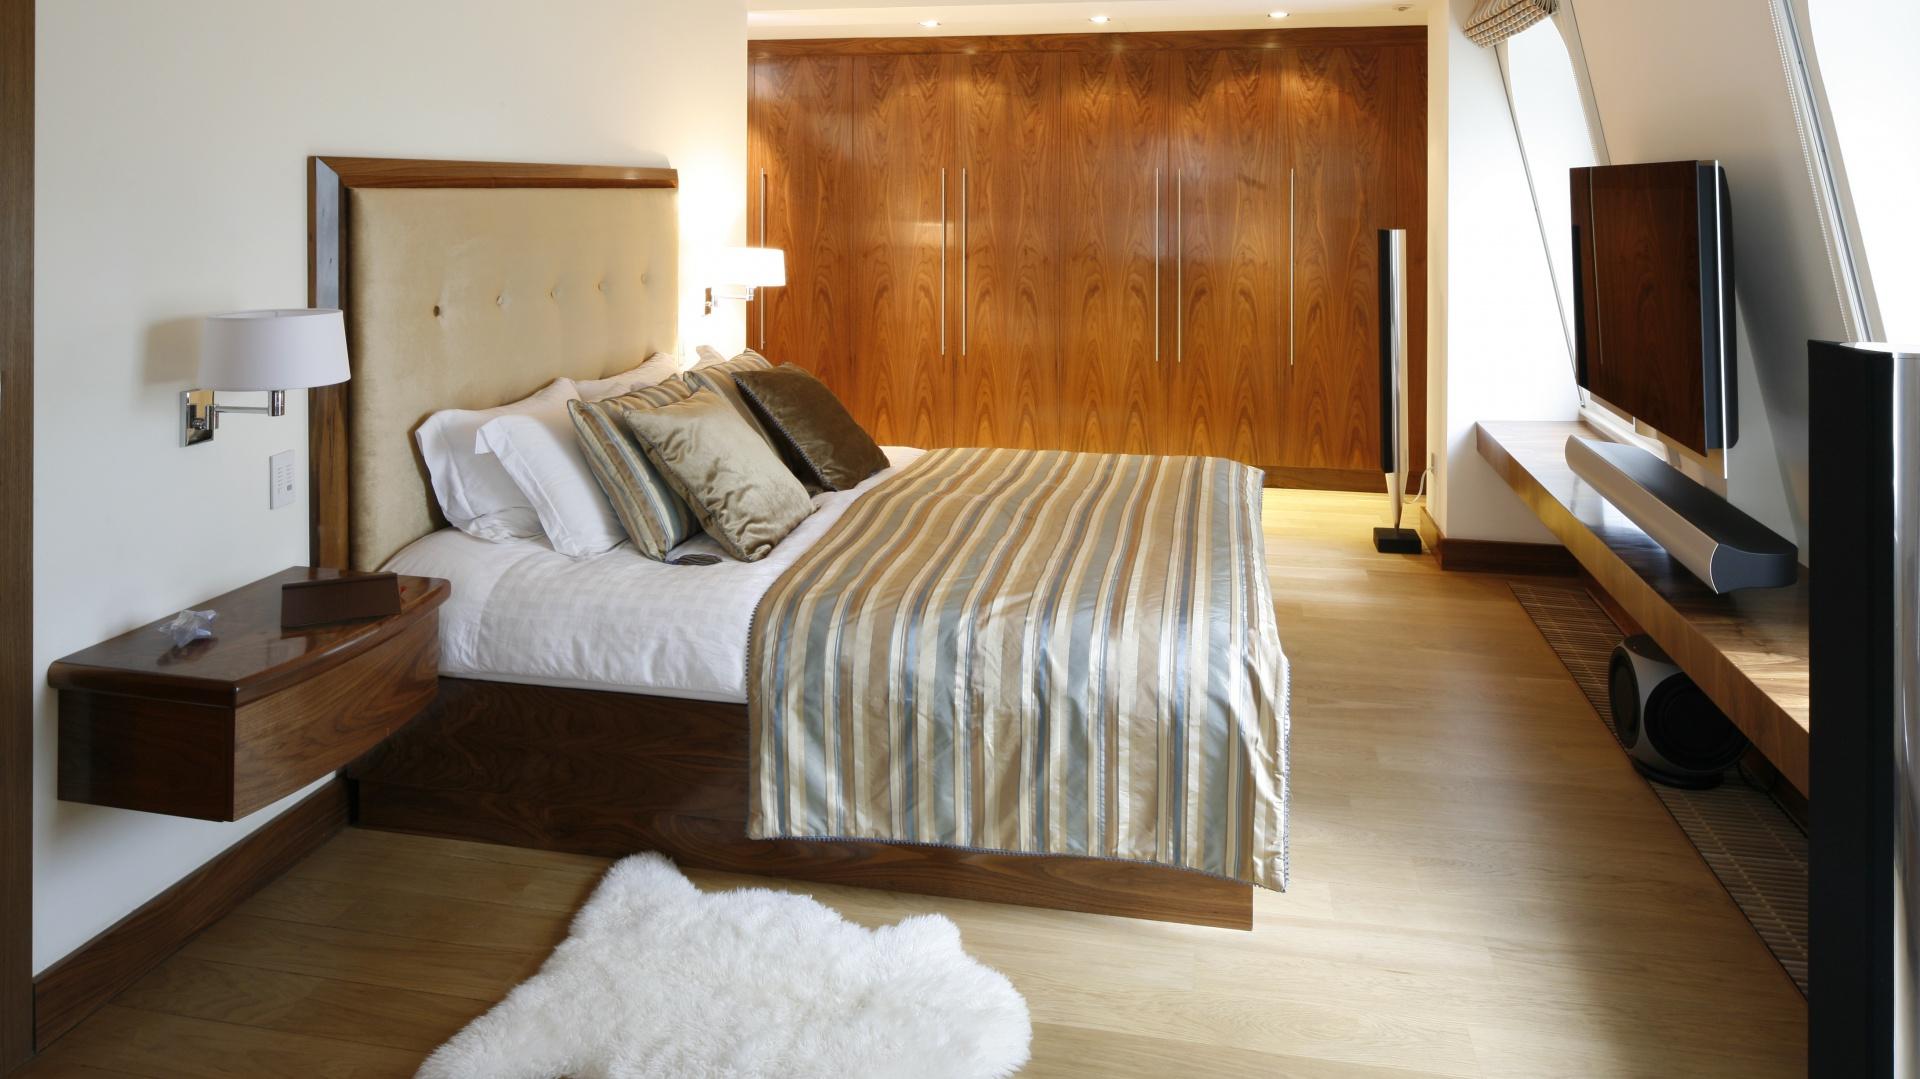 Zabudowa garderobiana wyznacza drogę do prywatnej sypialni właścicieli. Podkreśla ją zamontowane w suficie oświetlenie. Fot. Bartosz Jarosz